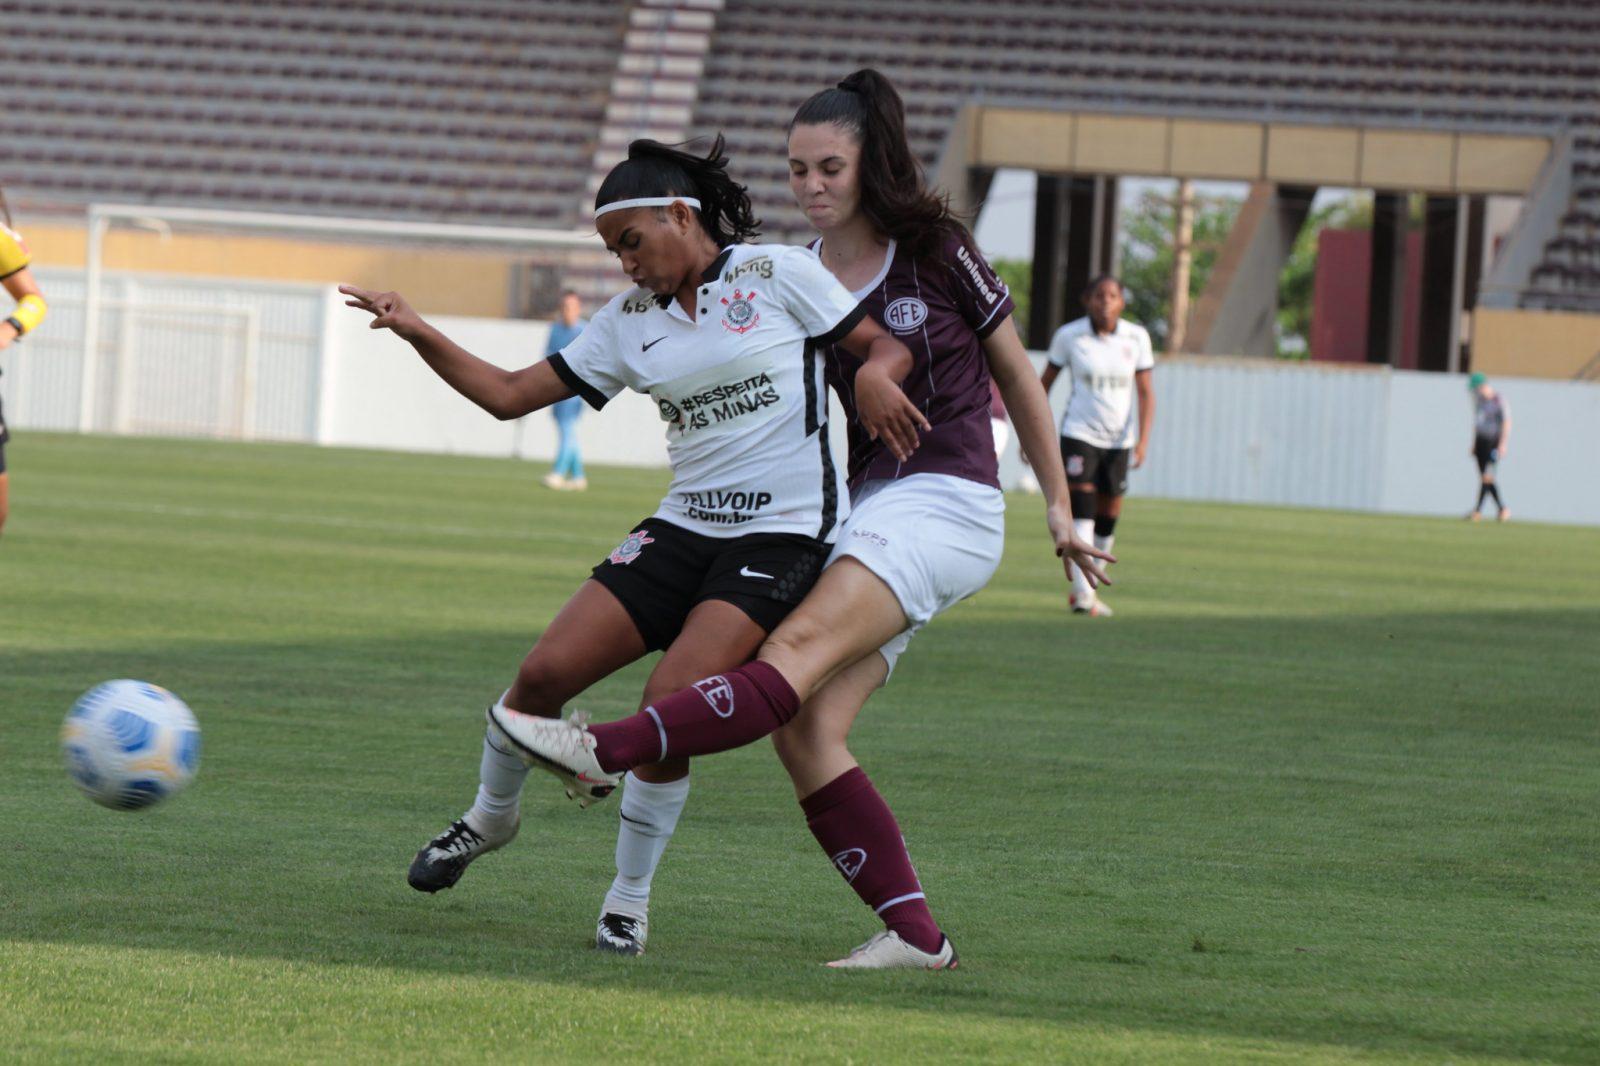 Nos pênaltis, Corinthians vence a Ferroviária e avança à final do Campeonato Brasileiro sub-18